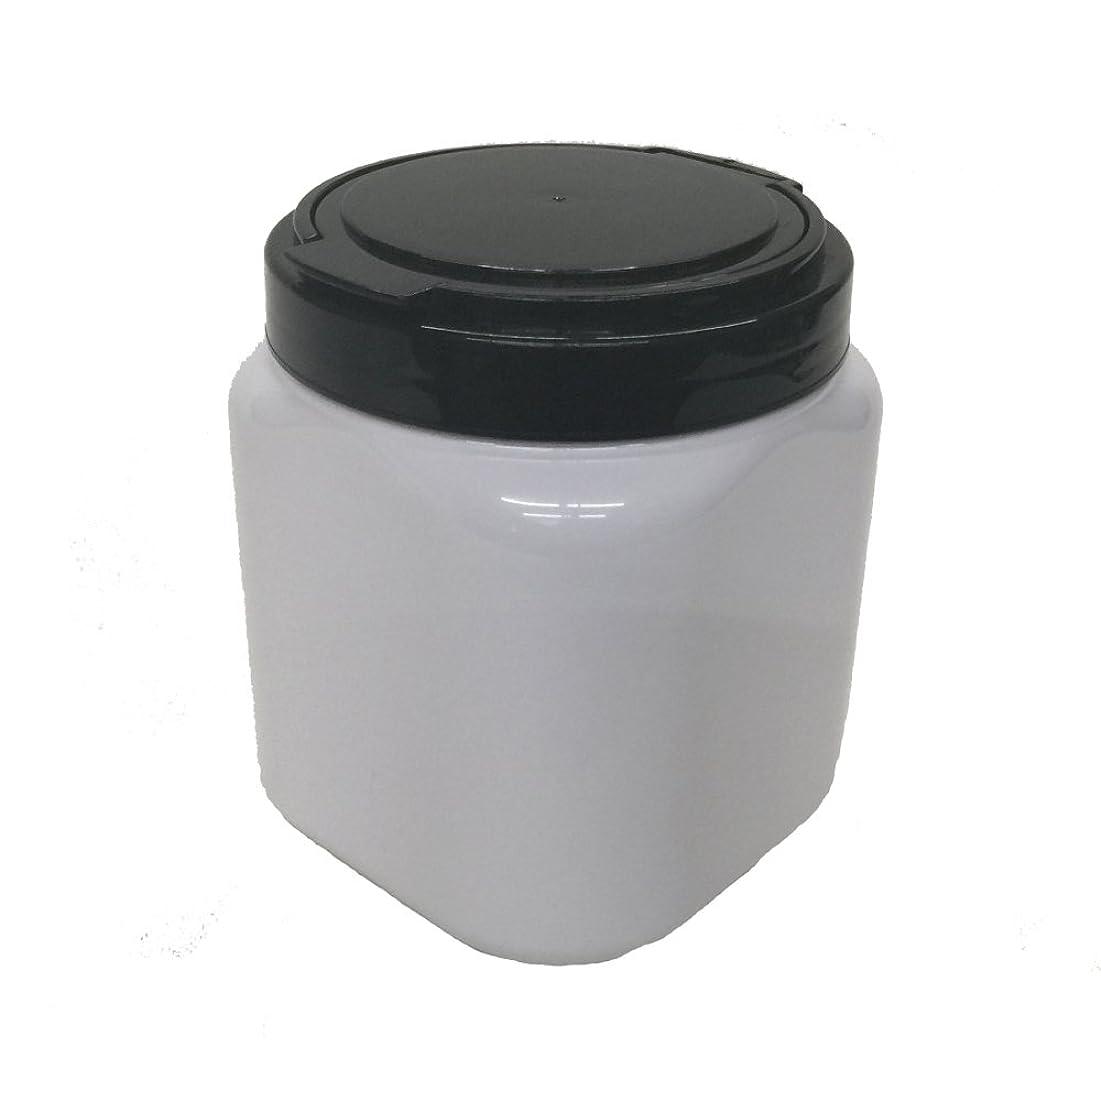 悪党リーガン遺伝的Cube-box-BL-1500(ブラック)【選べるラベル付き!】 ((Skinny)スキニー調)